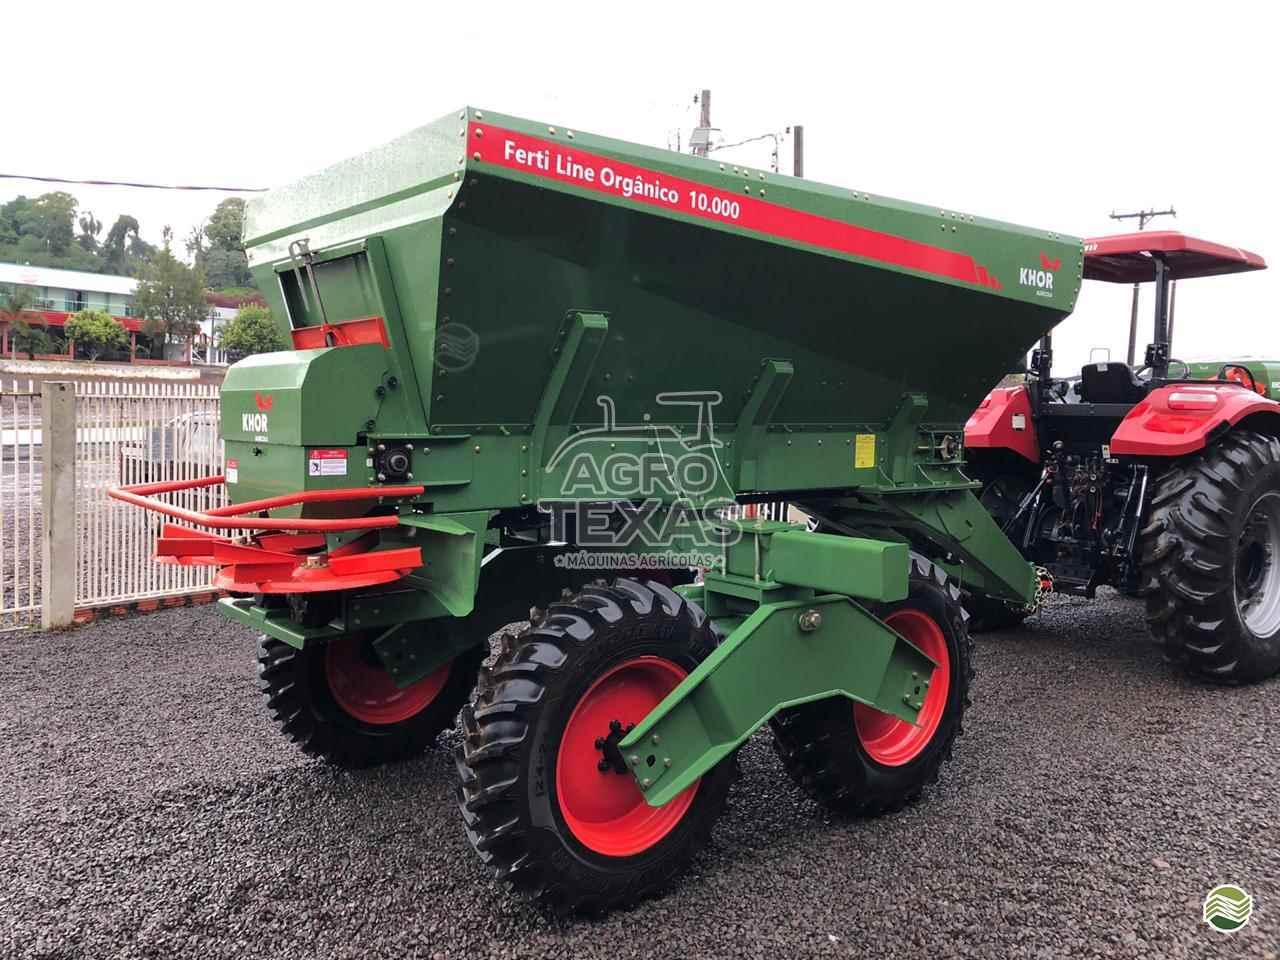 DISTRIBUIDOR DISTRIBUIDOR 10000  2020 Agro Texas Máquinas Agrícolas